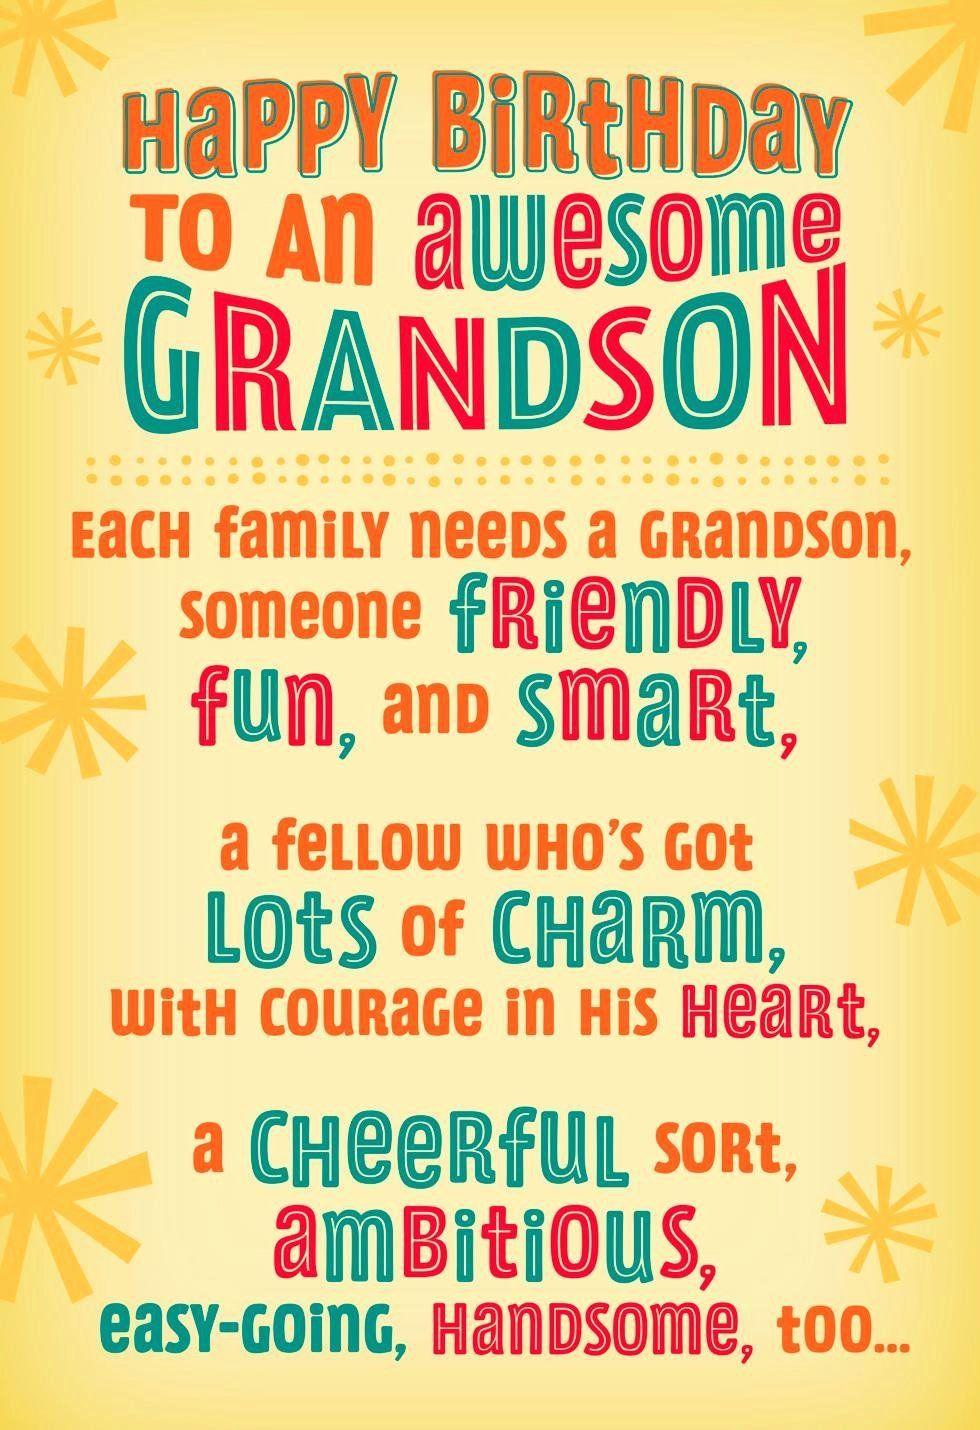 Happy 2nd Birthday Grandson Elegant Happy 2nd Birthday Grandson Cards Ecard 18th High Q Happy Birthday Grandson Grandson Birthday Cards Birthday Quotes For Him